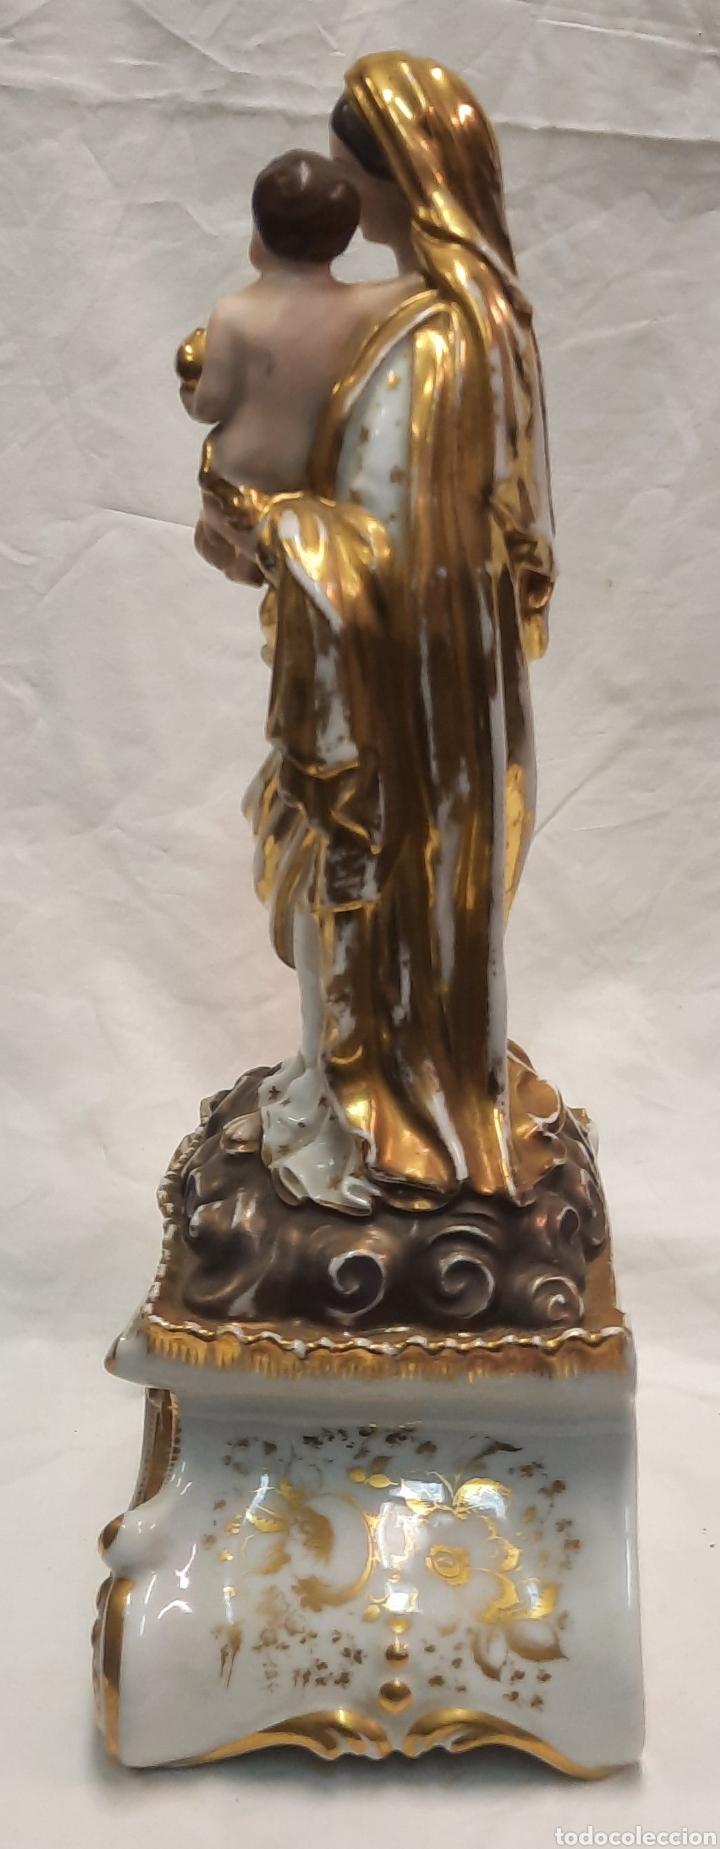 Antigüedades: Antigua figura de Virgen ceramica viejo París - Foto 2 - 244088200